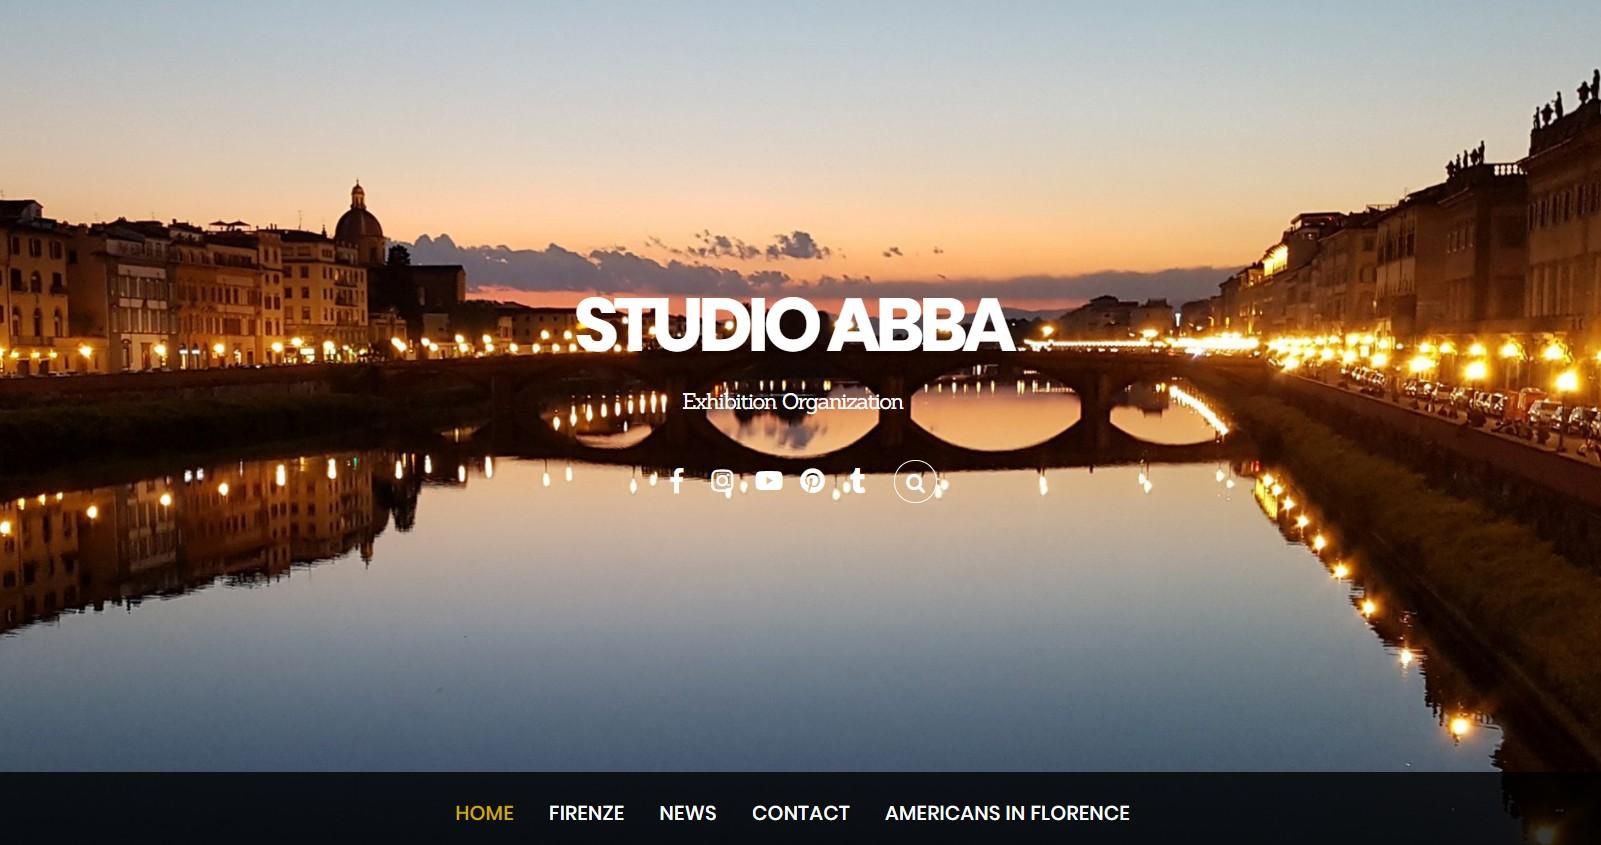 Sito dello Studio Abba realizzato con WordPress e Themify